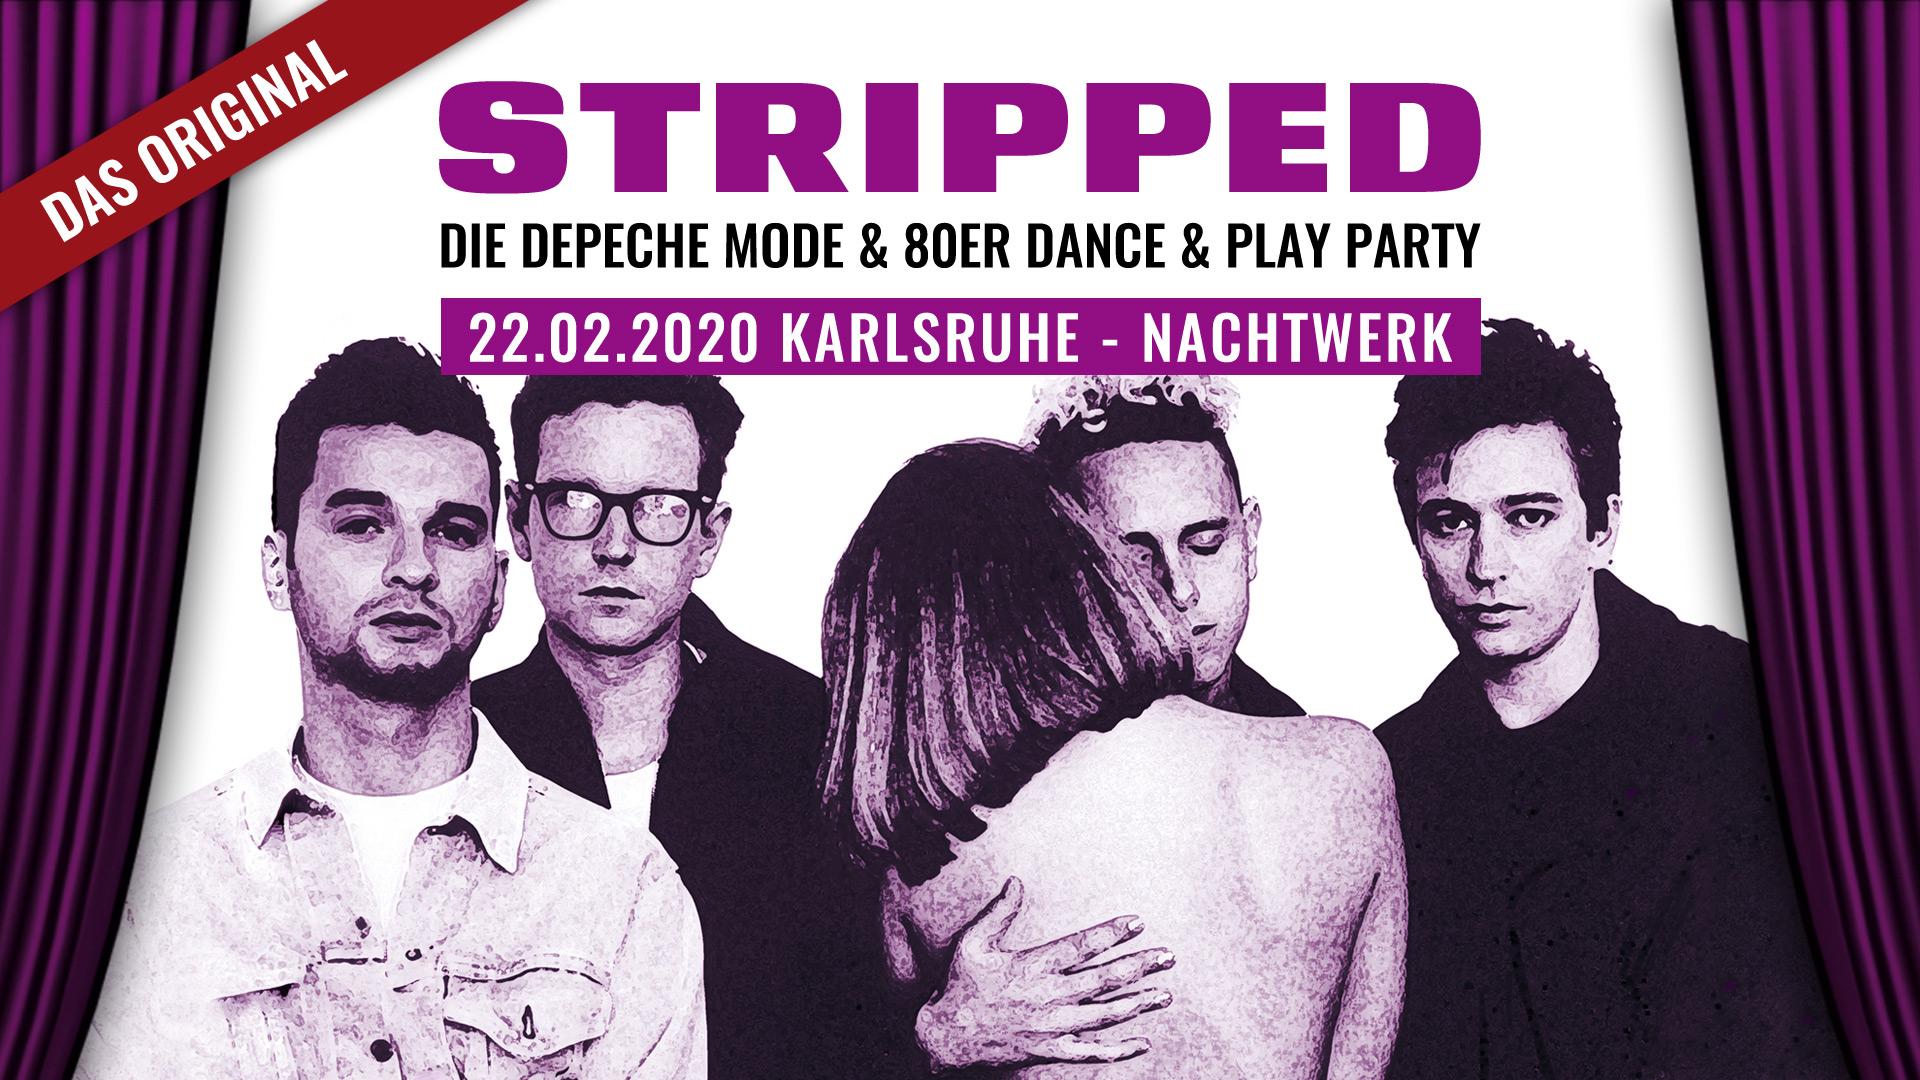 STRIPPED » Die legendäre Depeche Mode & 80er Dance- & Playparty im Nachtwerk Karlsruhe. Das Original von und mit DJ Gillian.